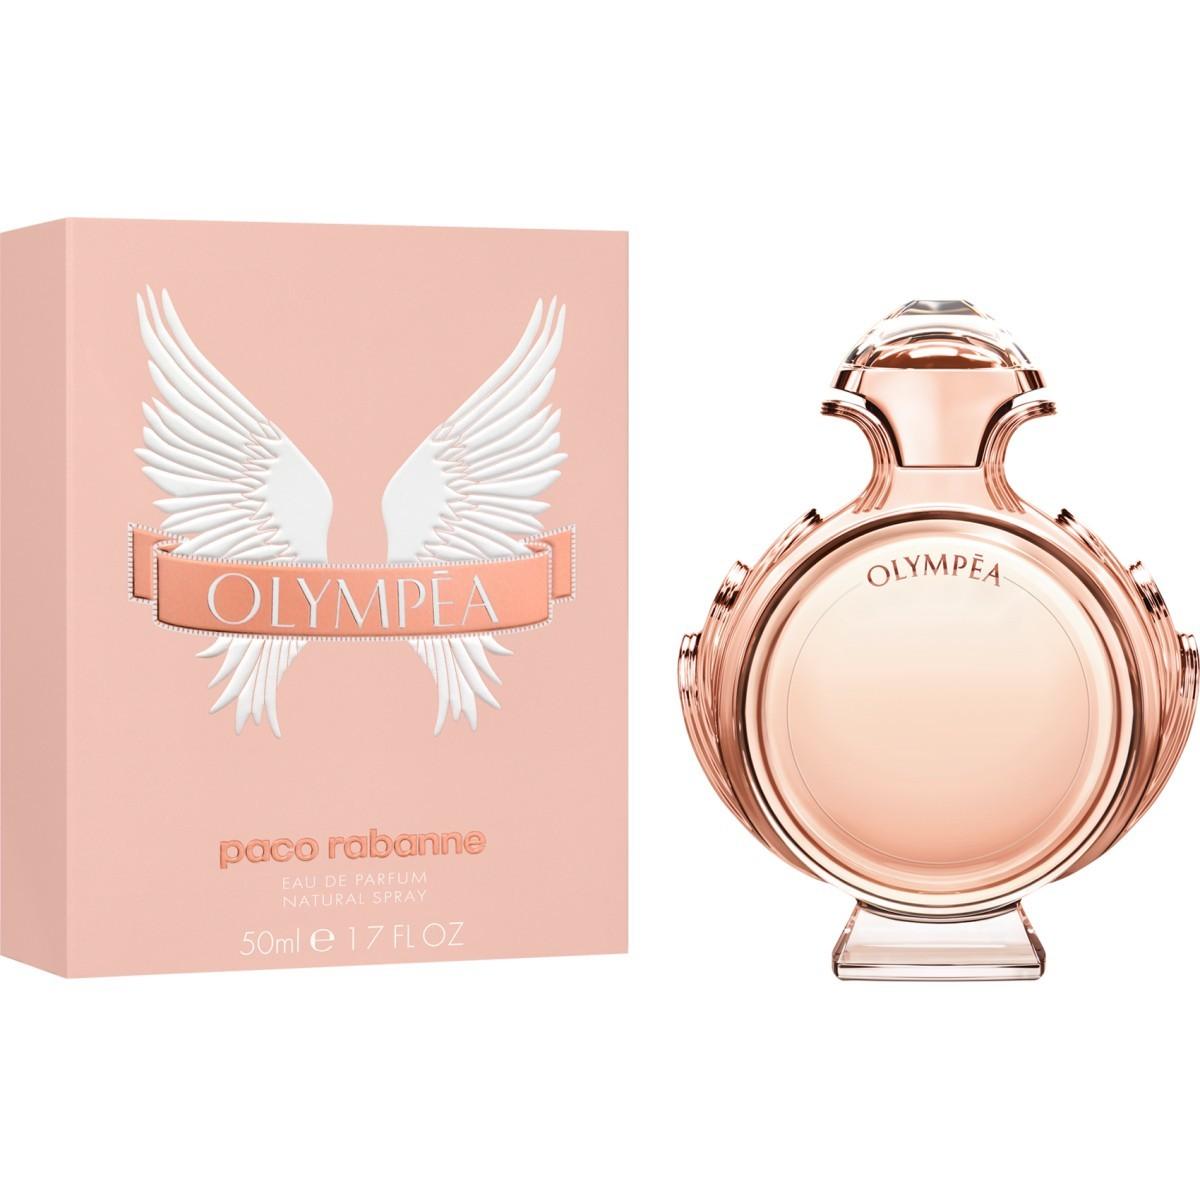 pour femme - Eau de parfum Olympéa - 80 ml